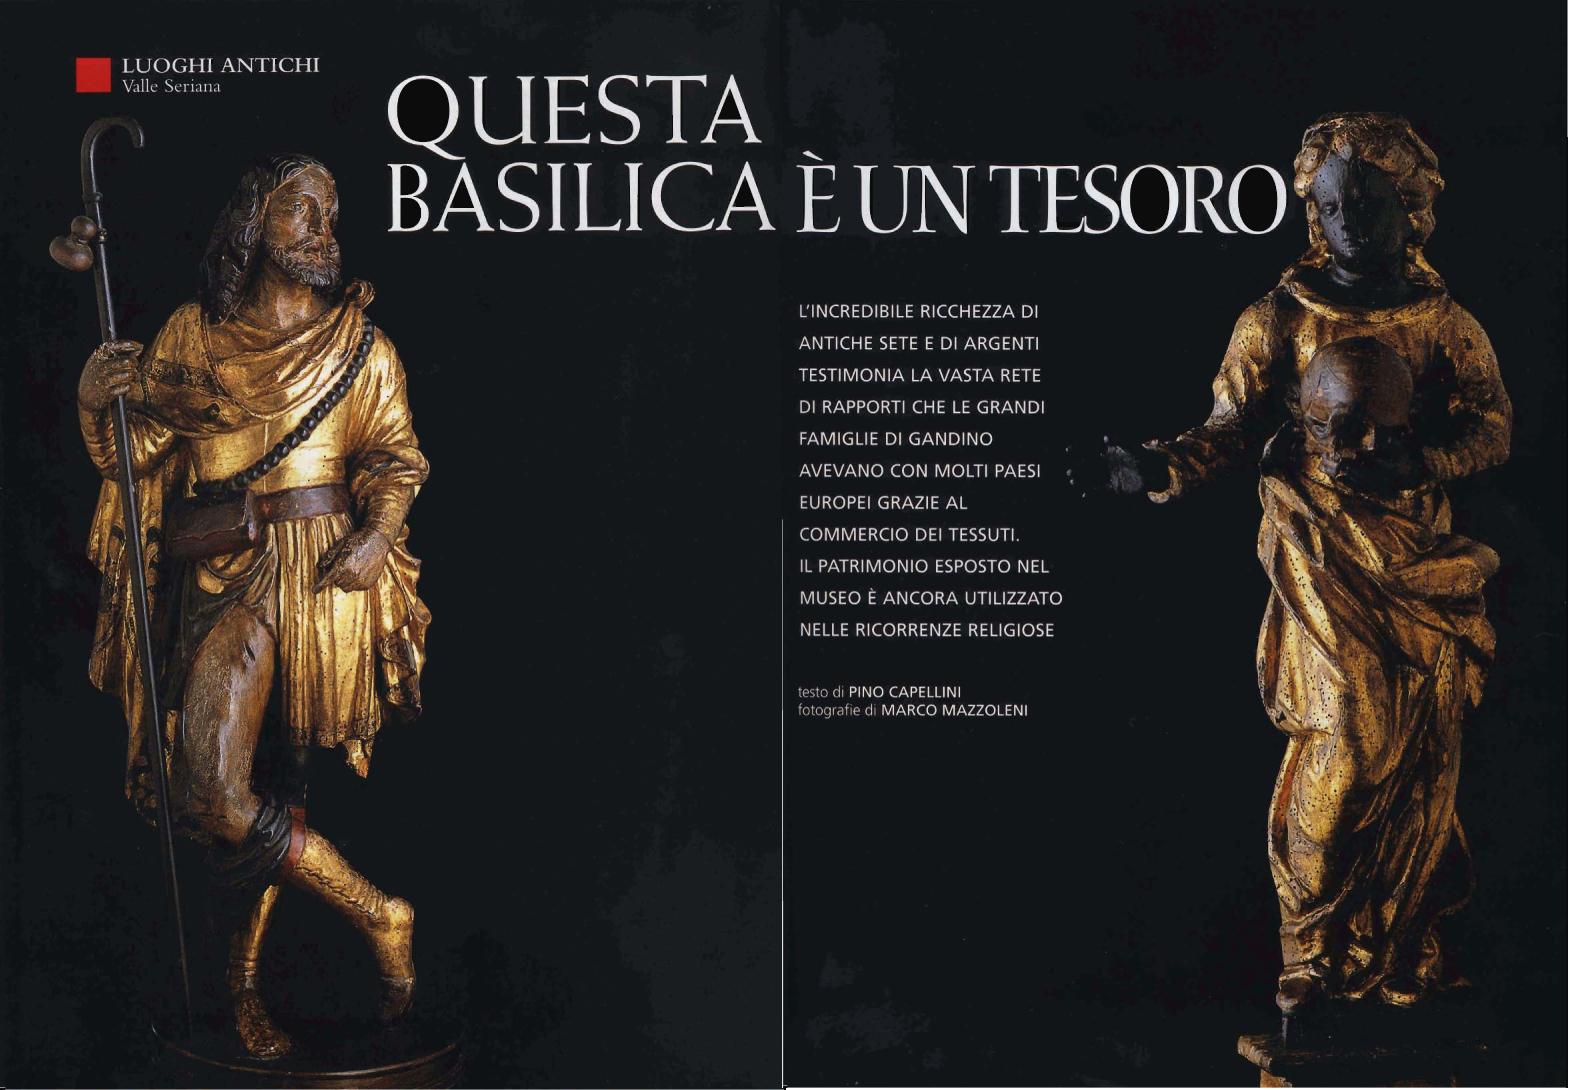 Orobie dicembre 2006 basilica-1